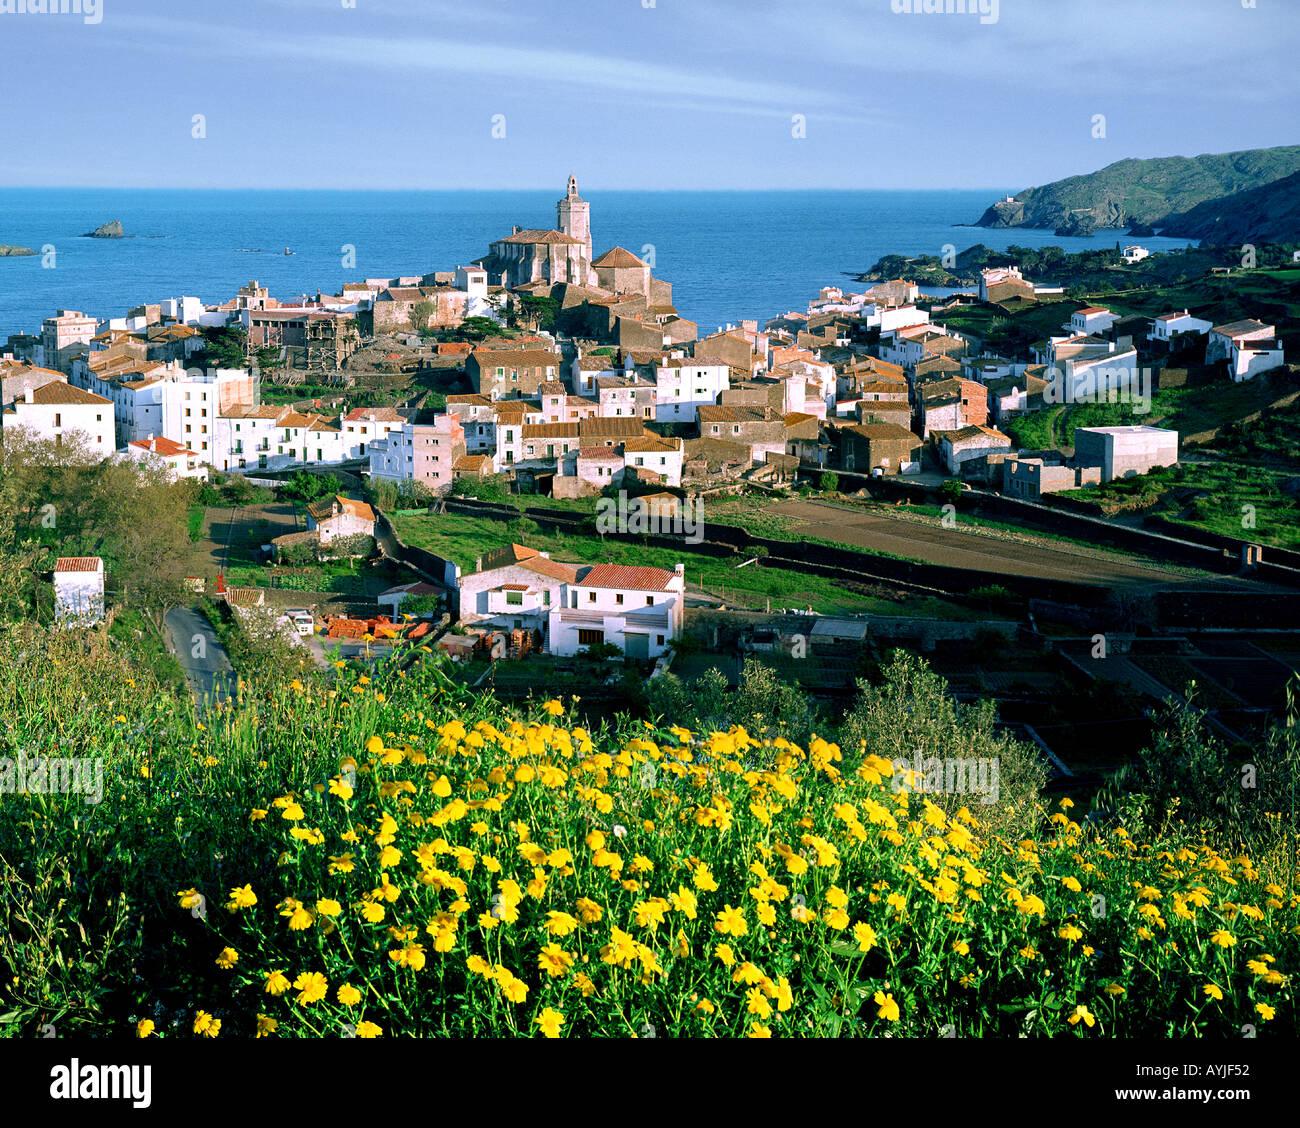 ES - Cataluña: pueblo de Cadaqués Imagen De Stock